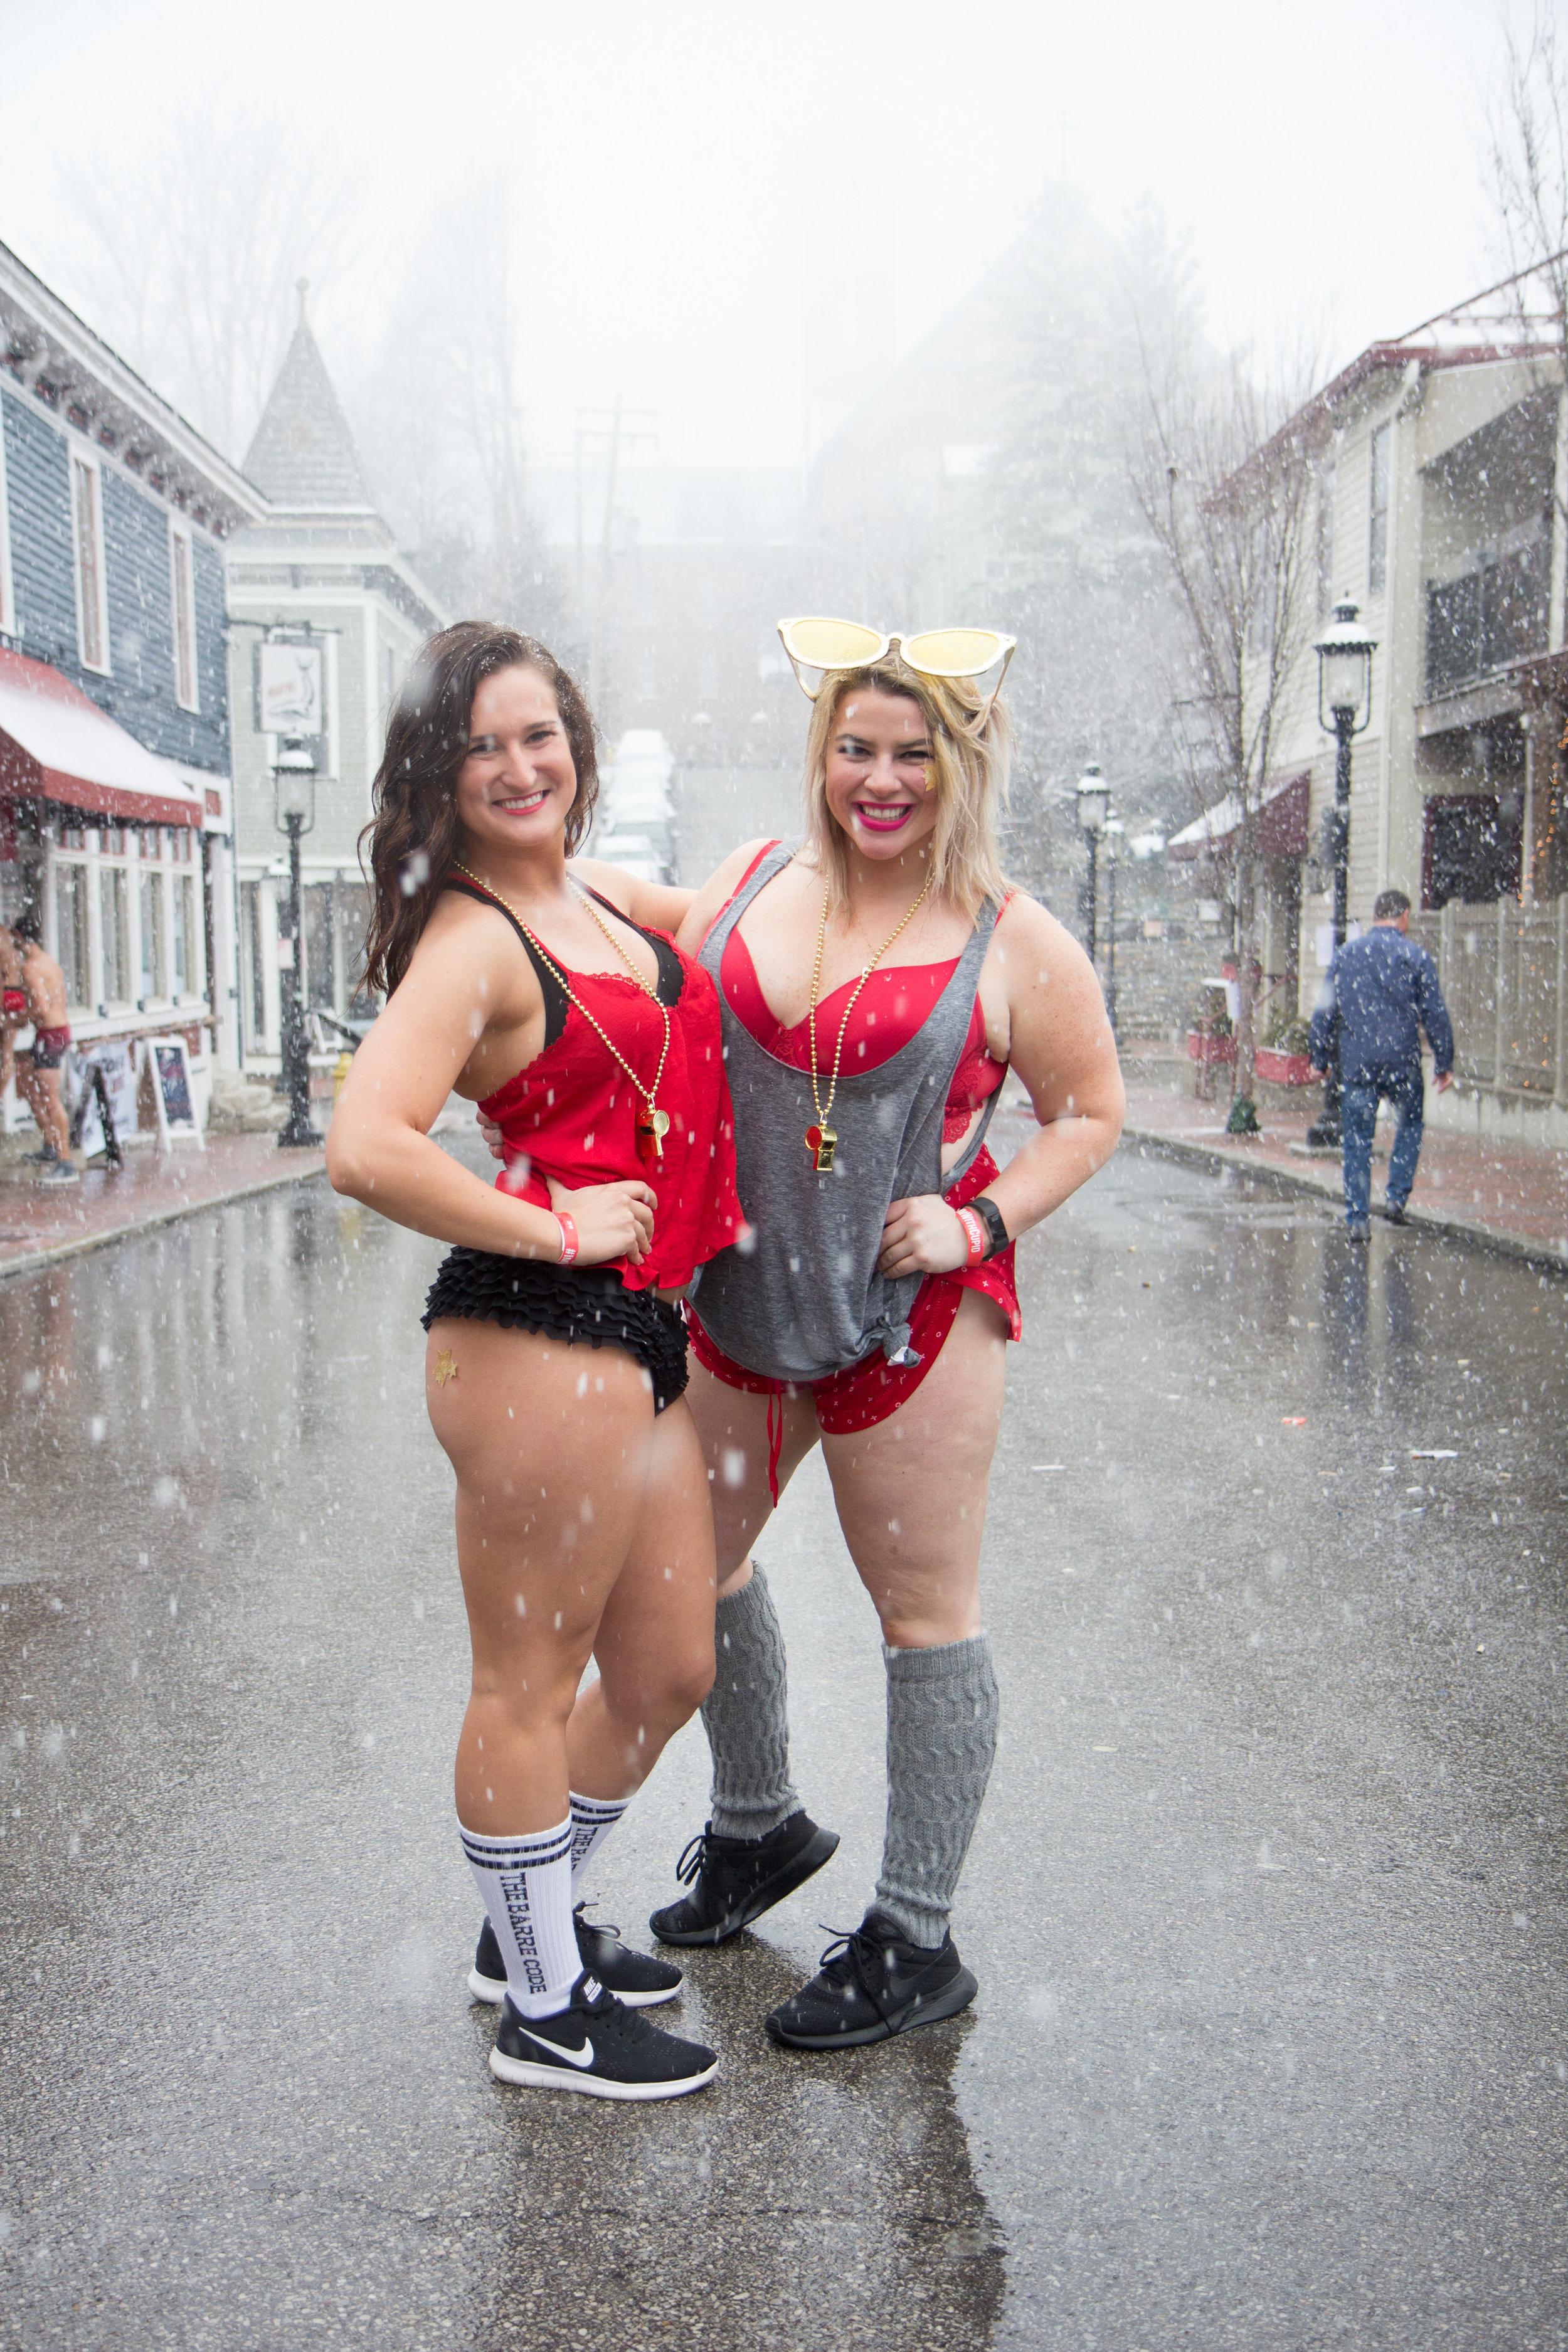 CaseyMillerPhoto - Cupid Undie Run 2018  (39 of 252).jpg